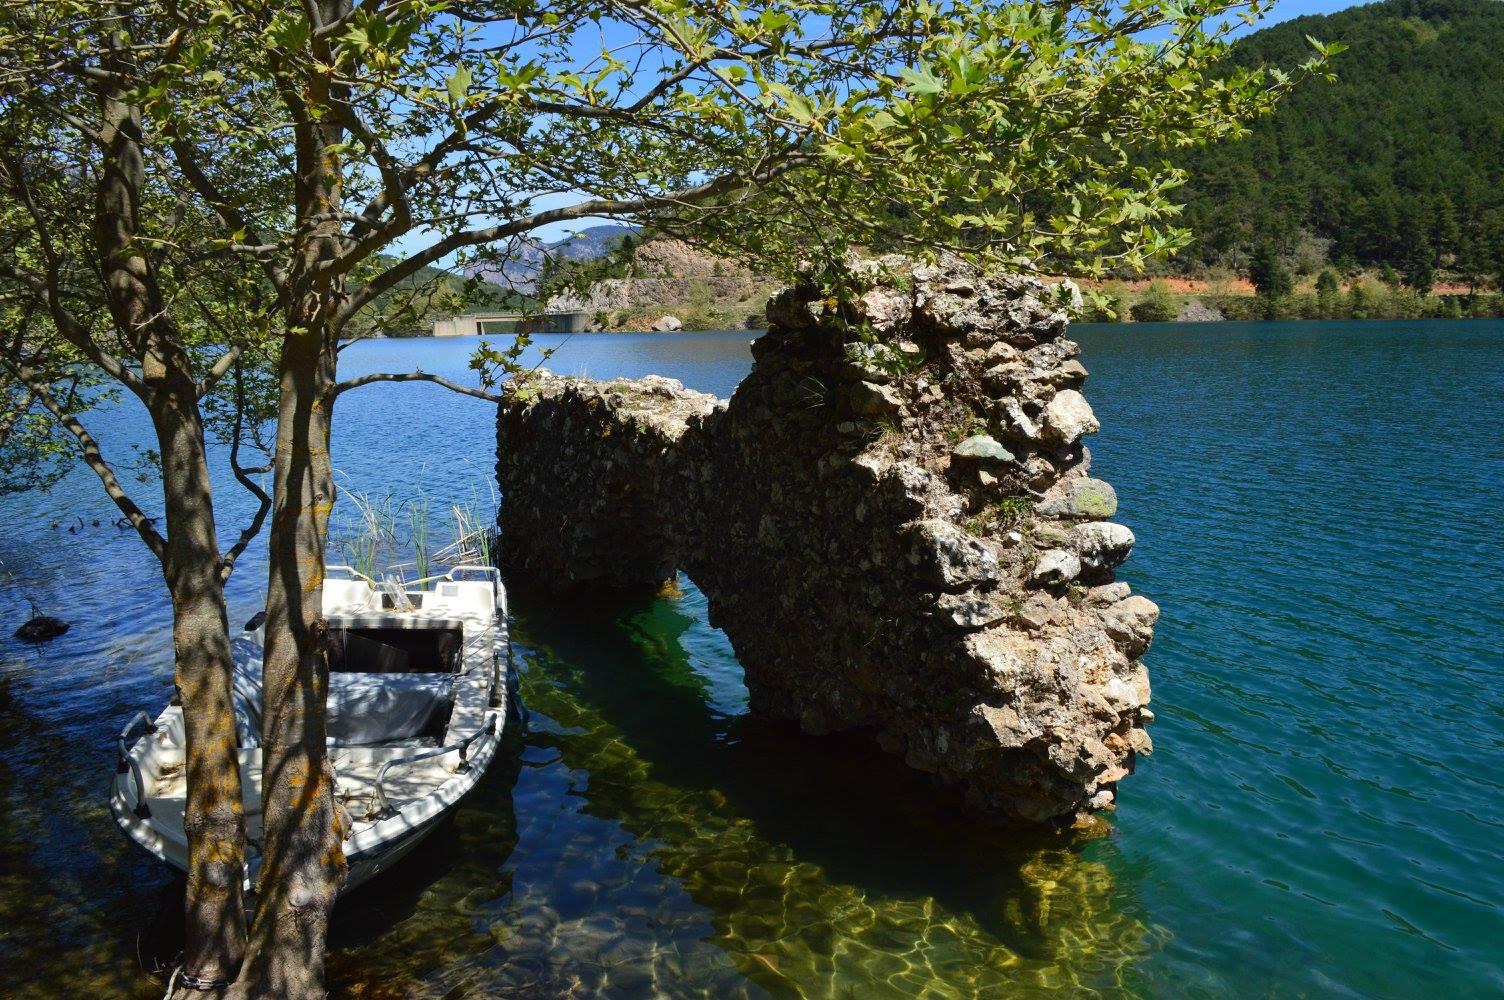 Εκδρομή στη λίμνη Φενεού